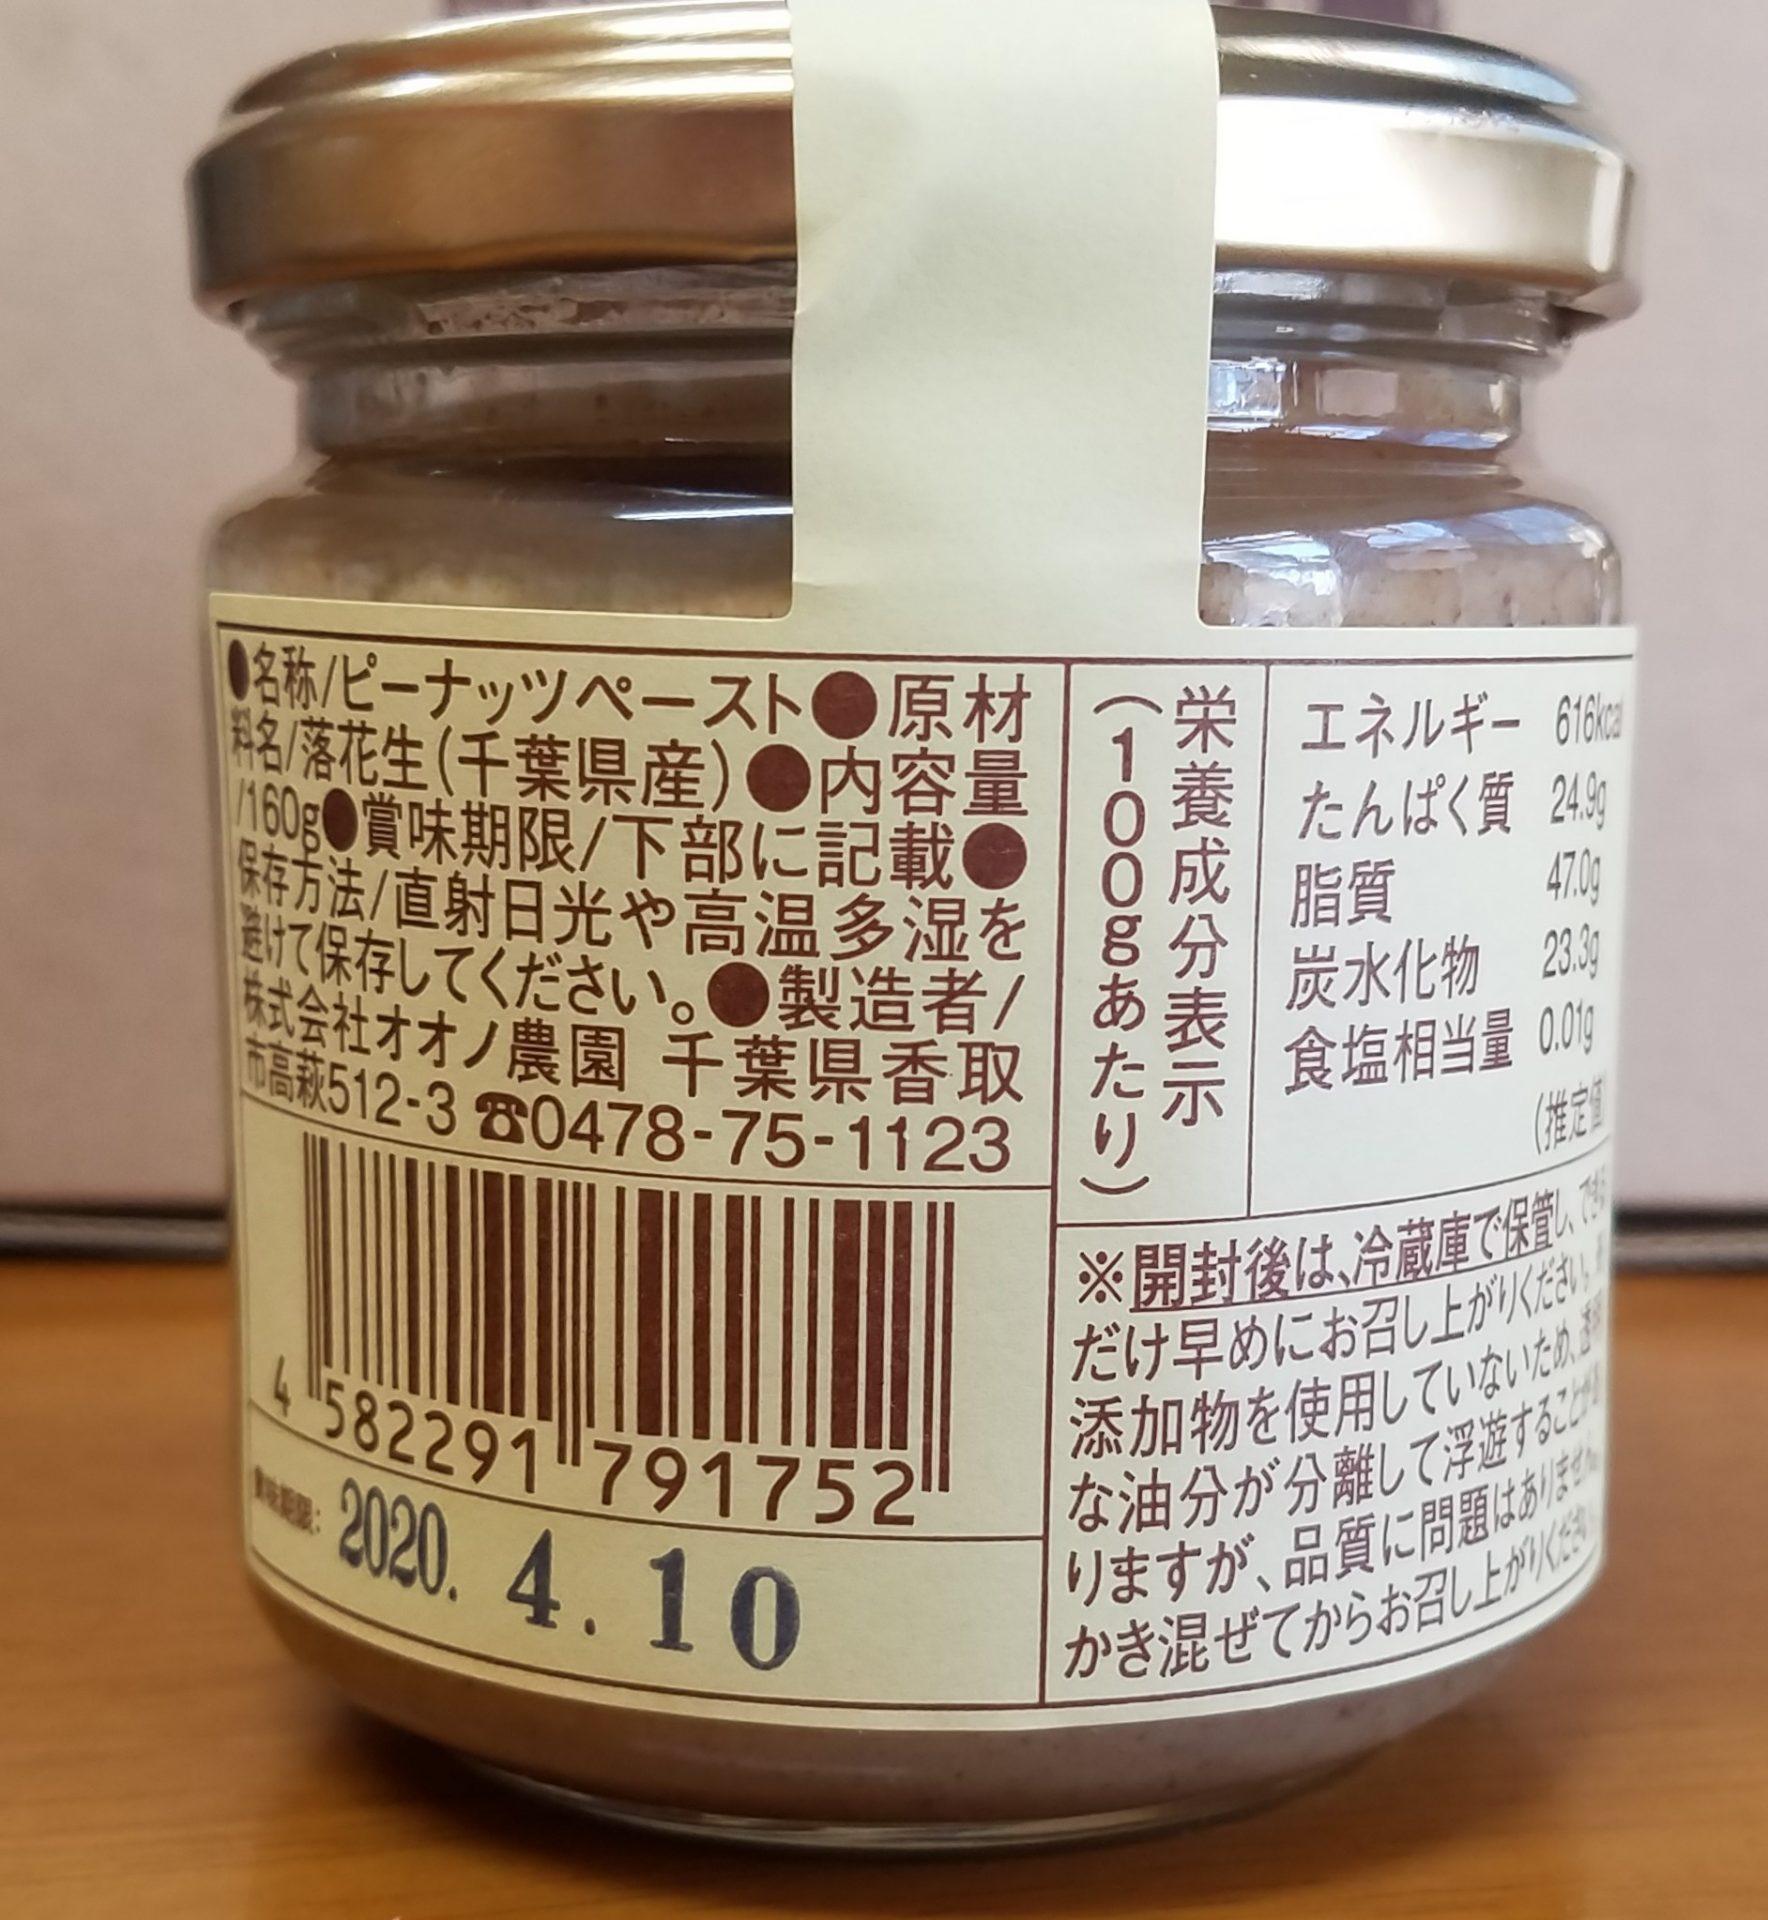 on-shibukawa-paste-160